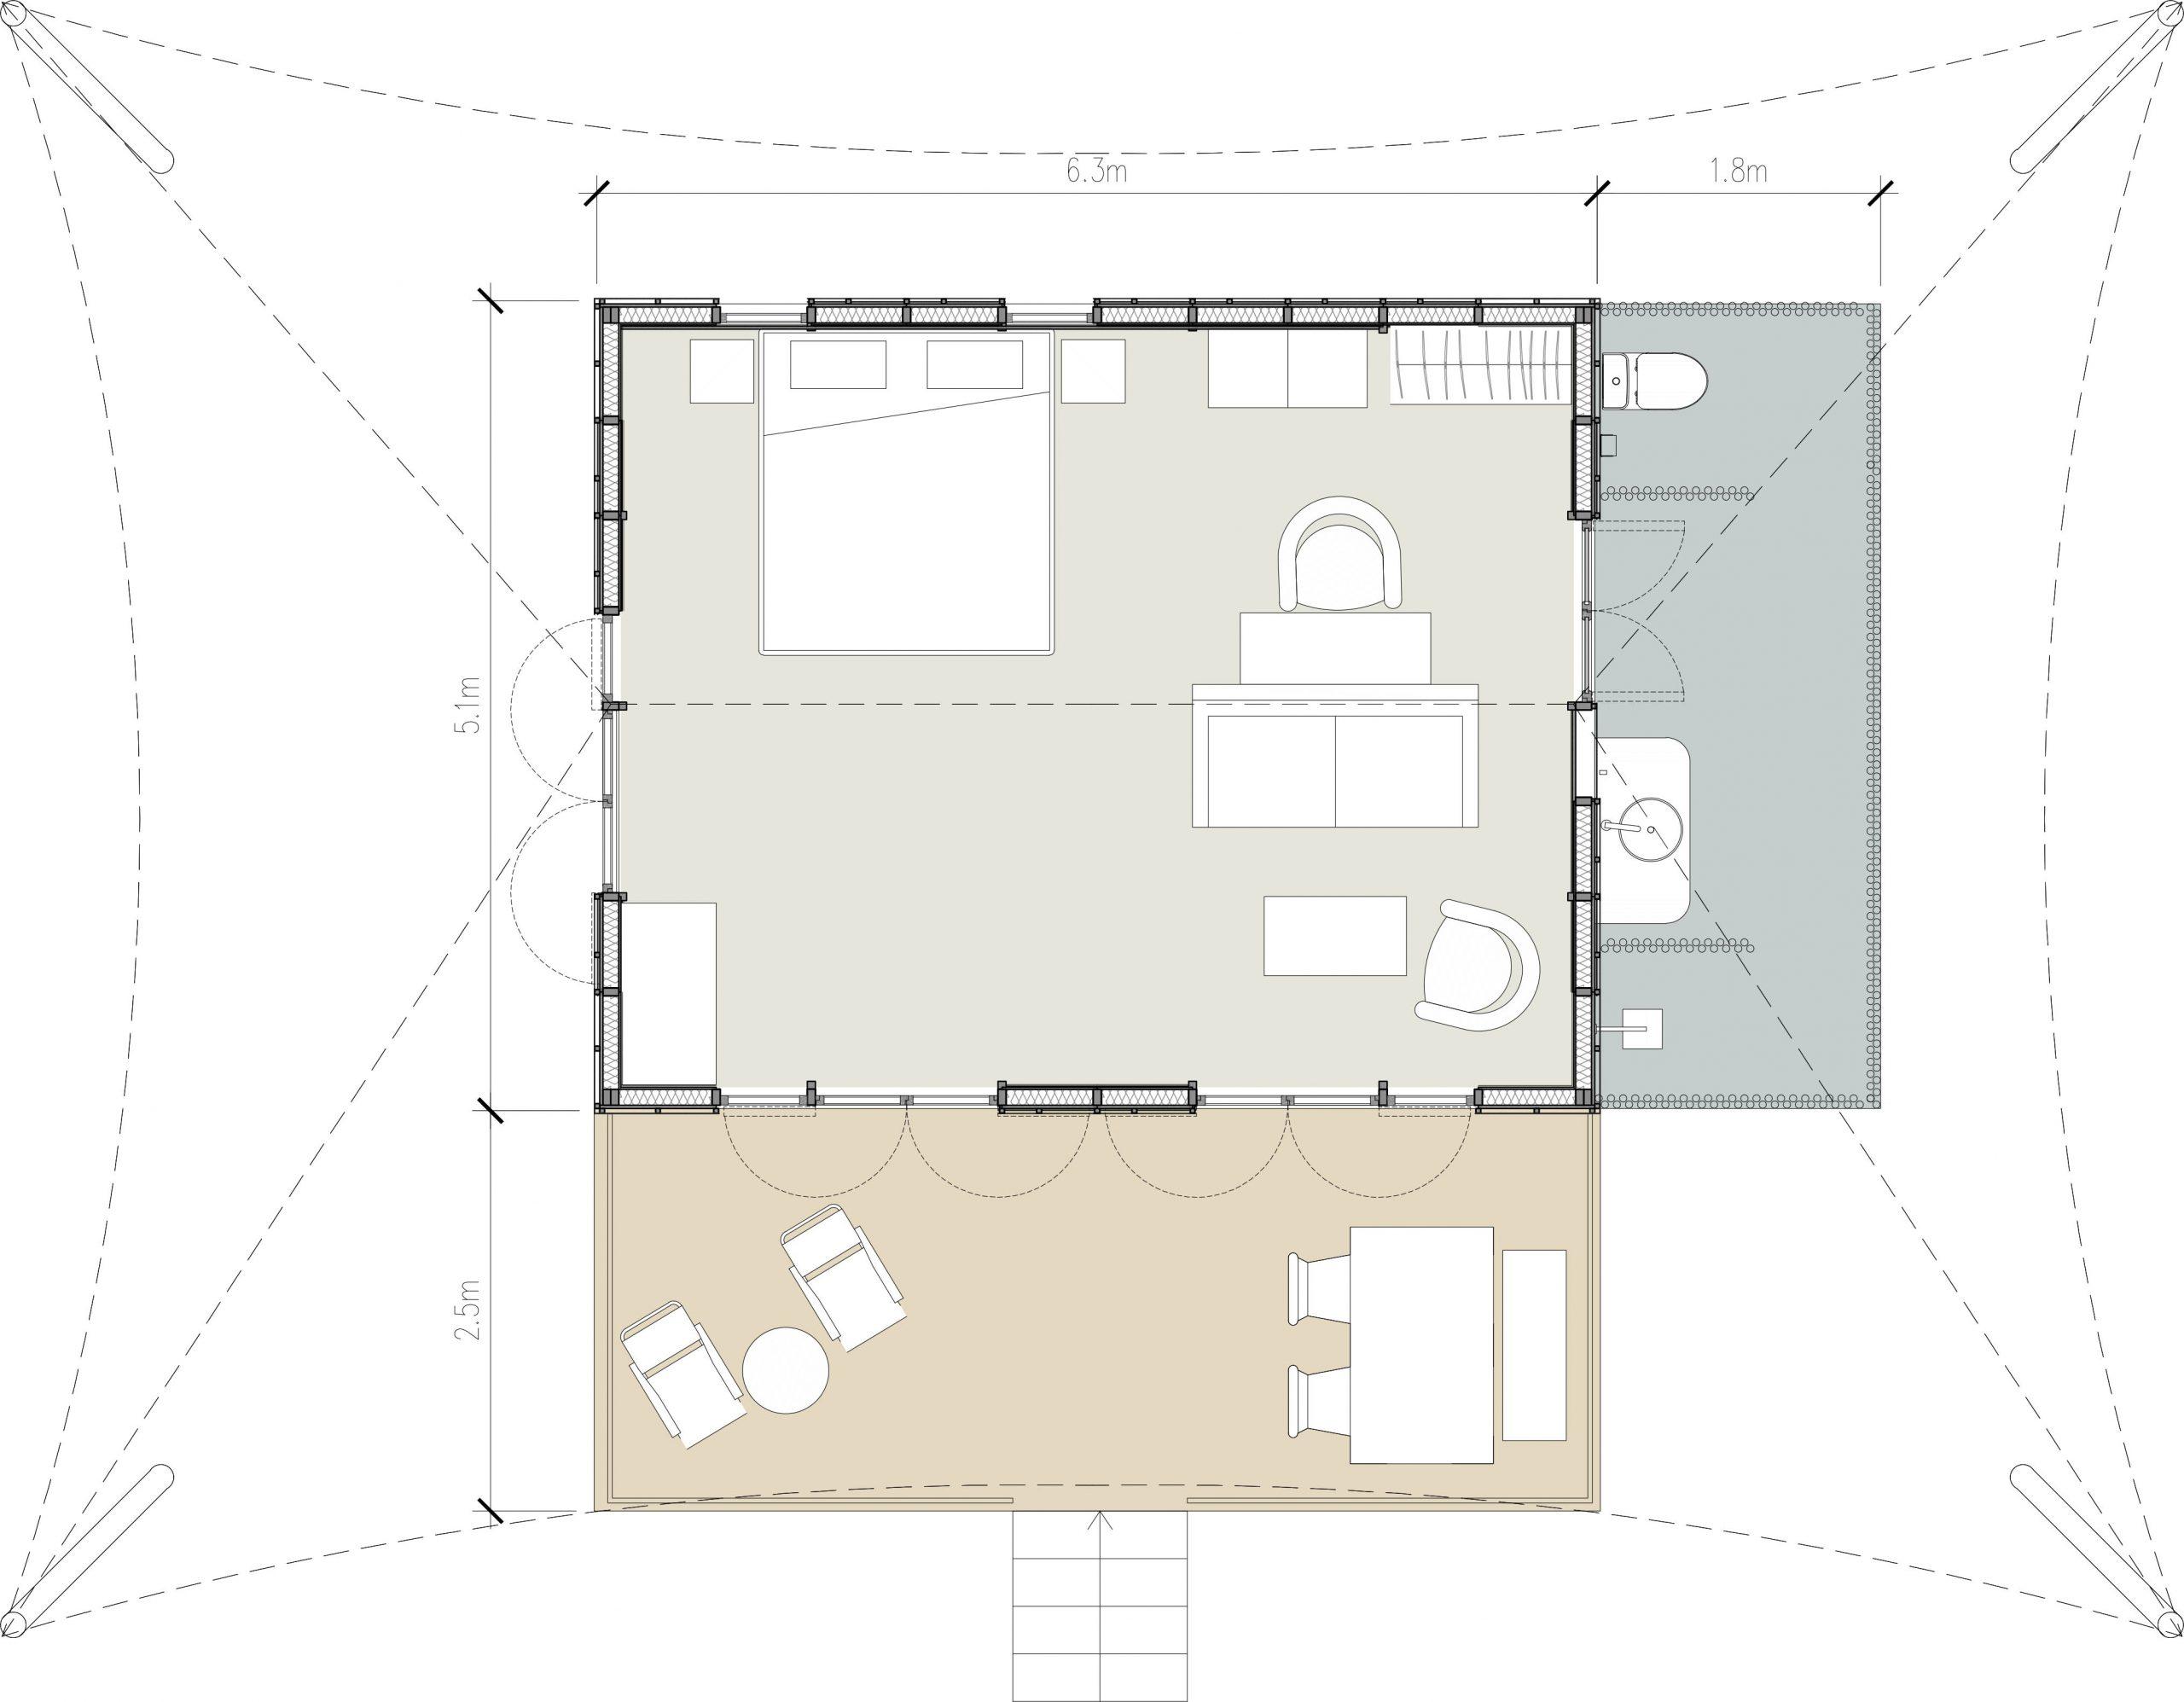 kanopya-lodge-luxury-layout